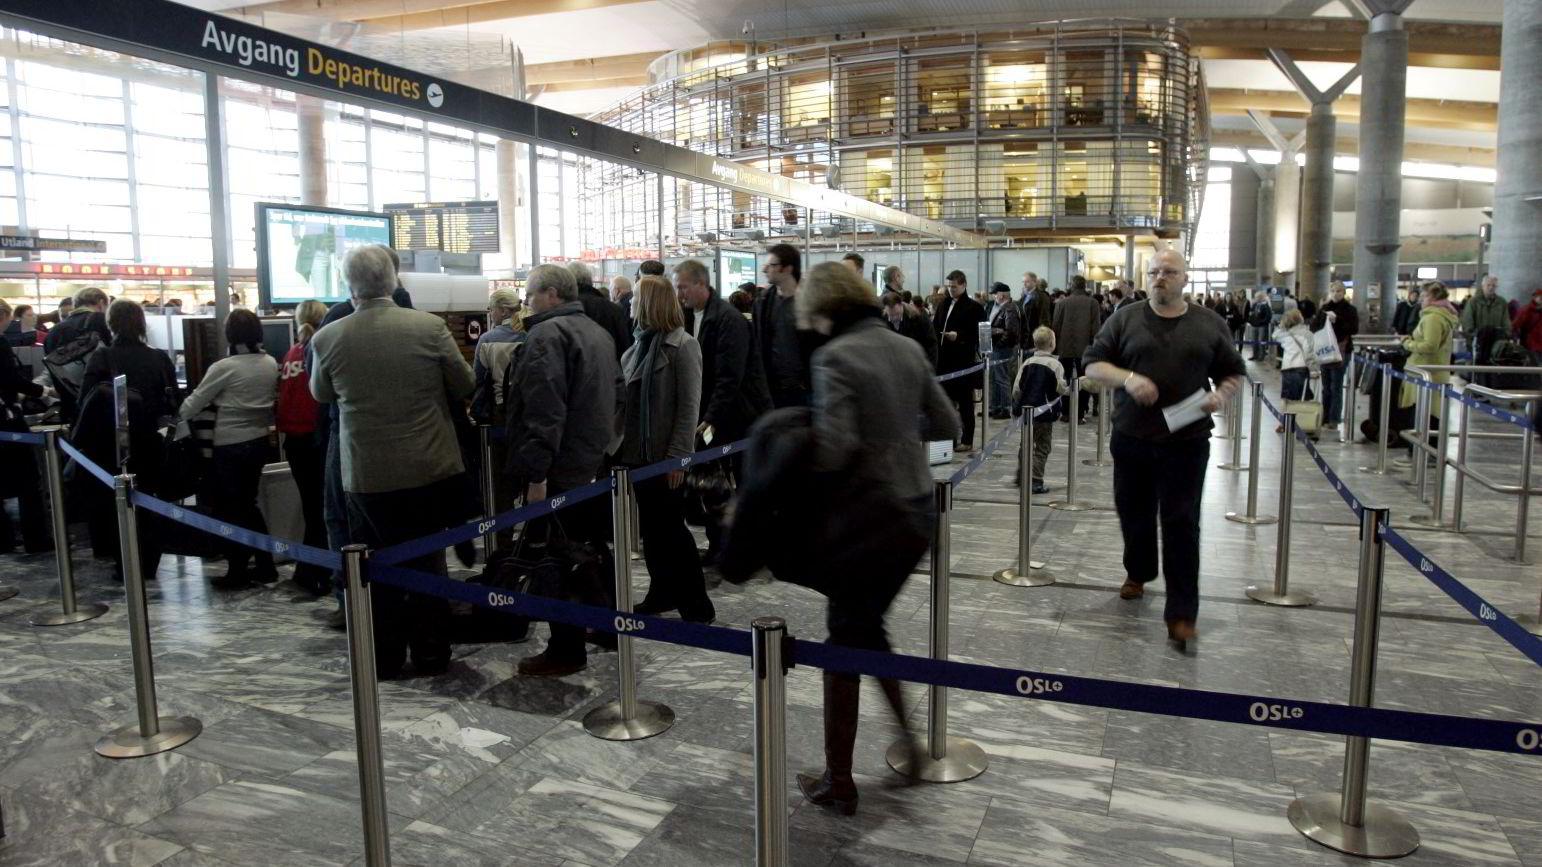 Sikkerhetskontrollen på norske flyplasser preges av at passasjerenes tid ikke respekteres, hevder brevskriveren. På bildet sikkerhetskontrollen på  Gardermoen. Foto: Erlend Aas /